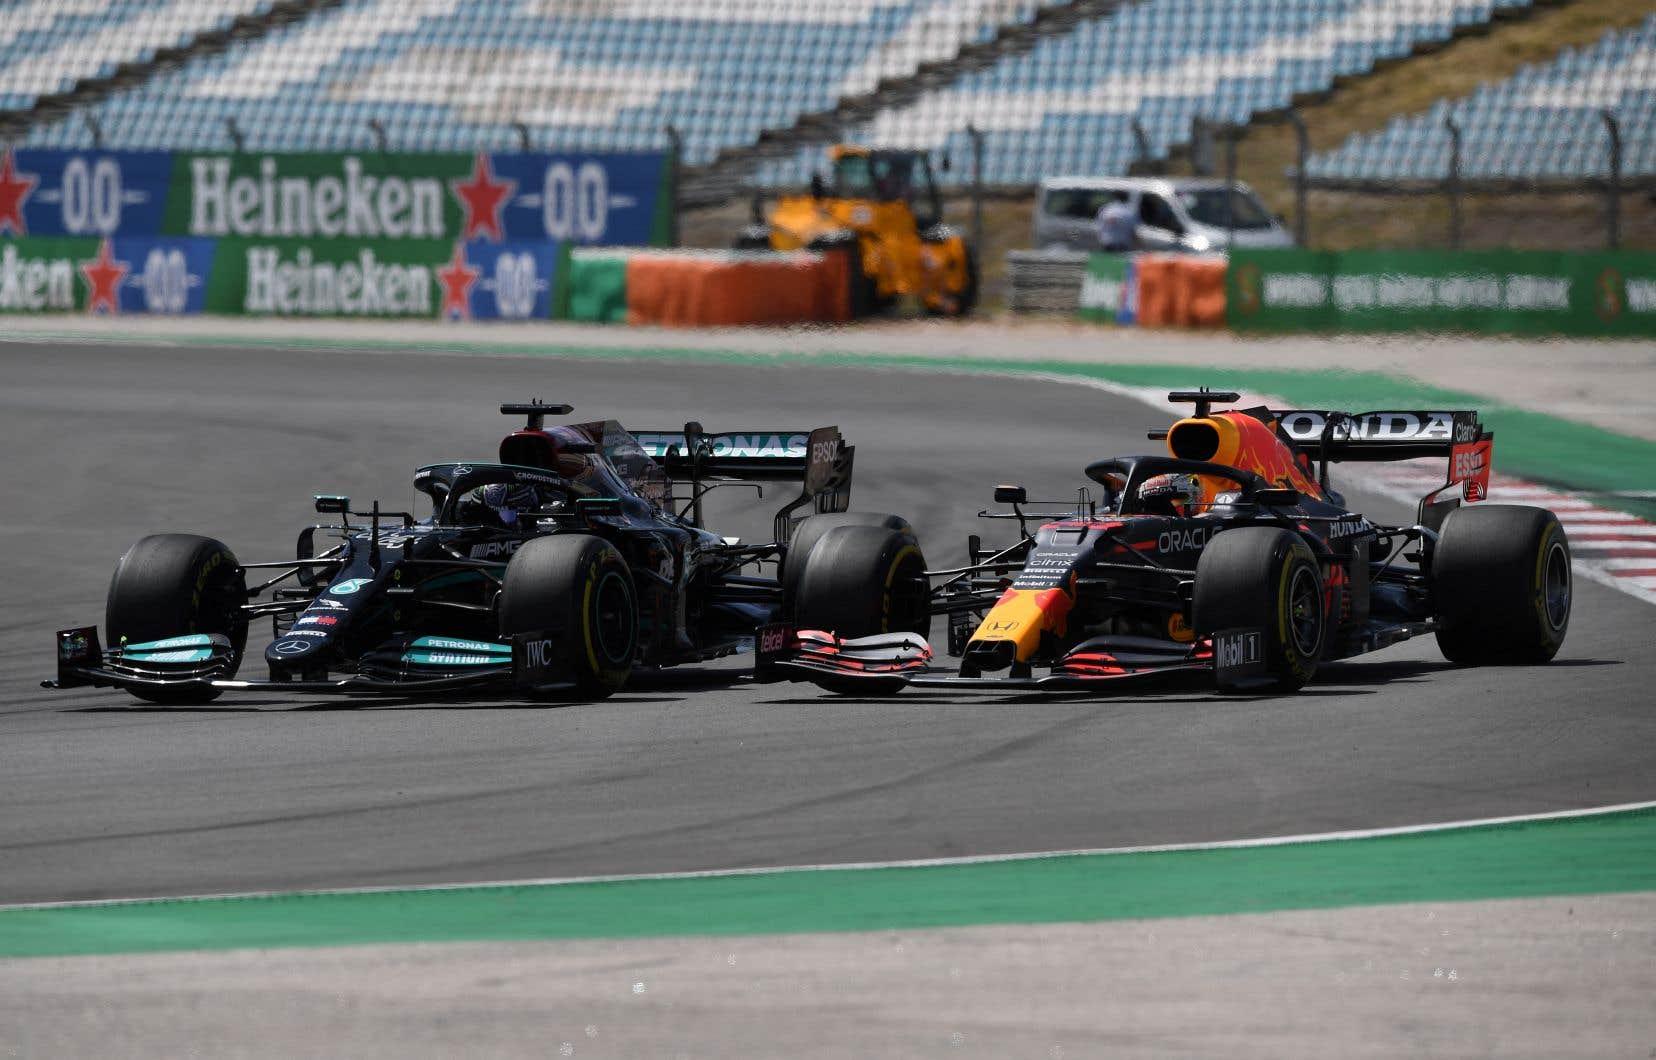 Les Mercedes ont monopolisé la première ligne, mais la Red Bull de Max Verstappen aurait été en pole position si son temps chronométré n'avait pas été annulé pour dépassement des limites de la piste.